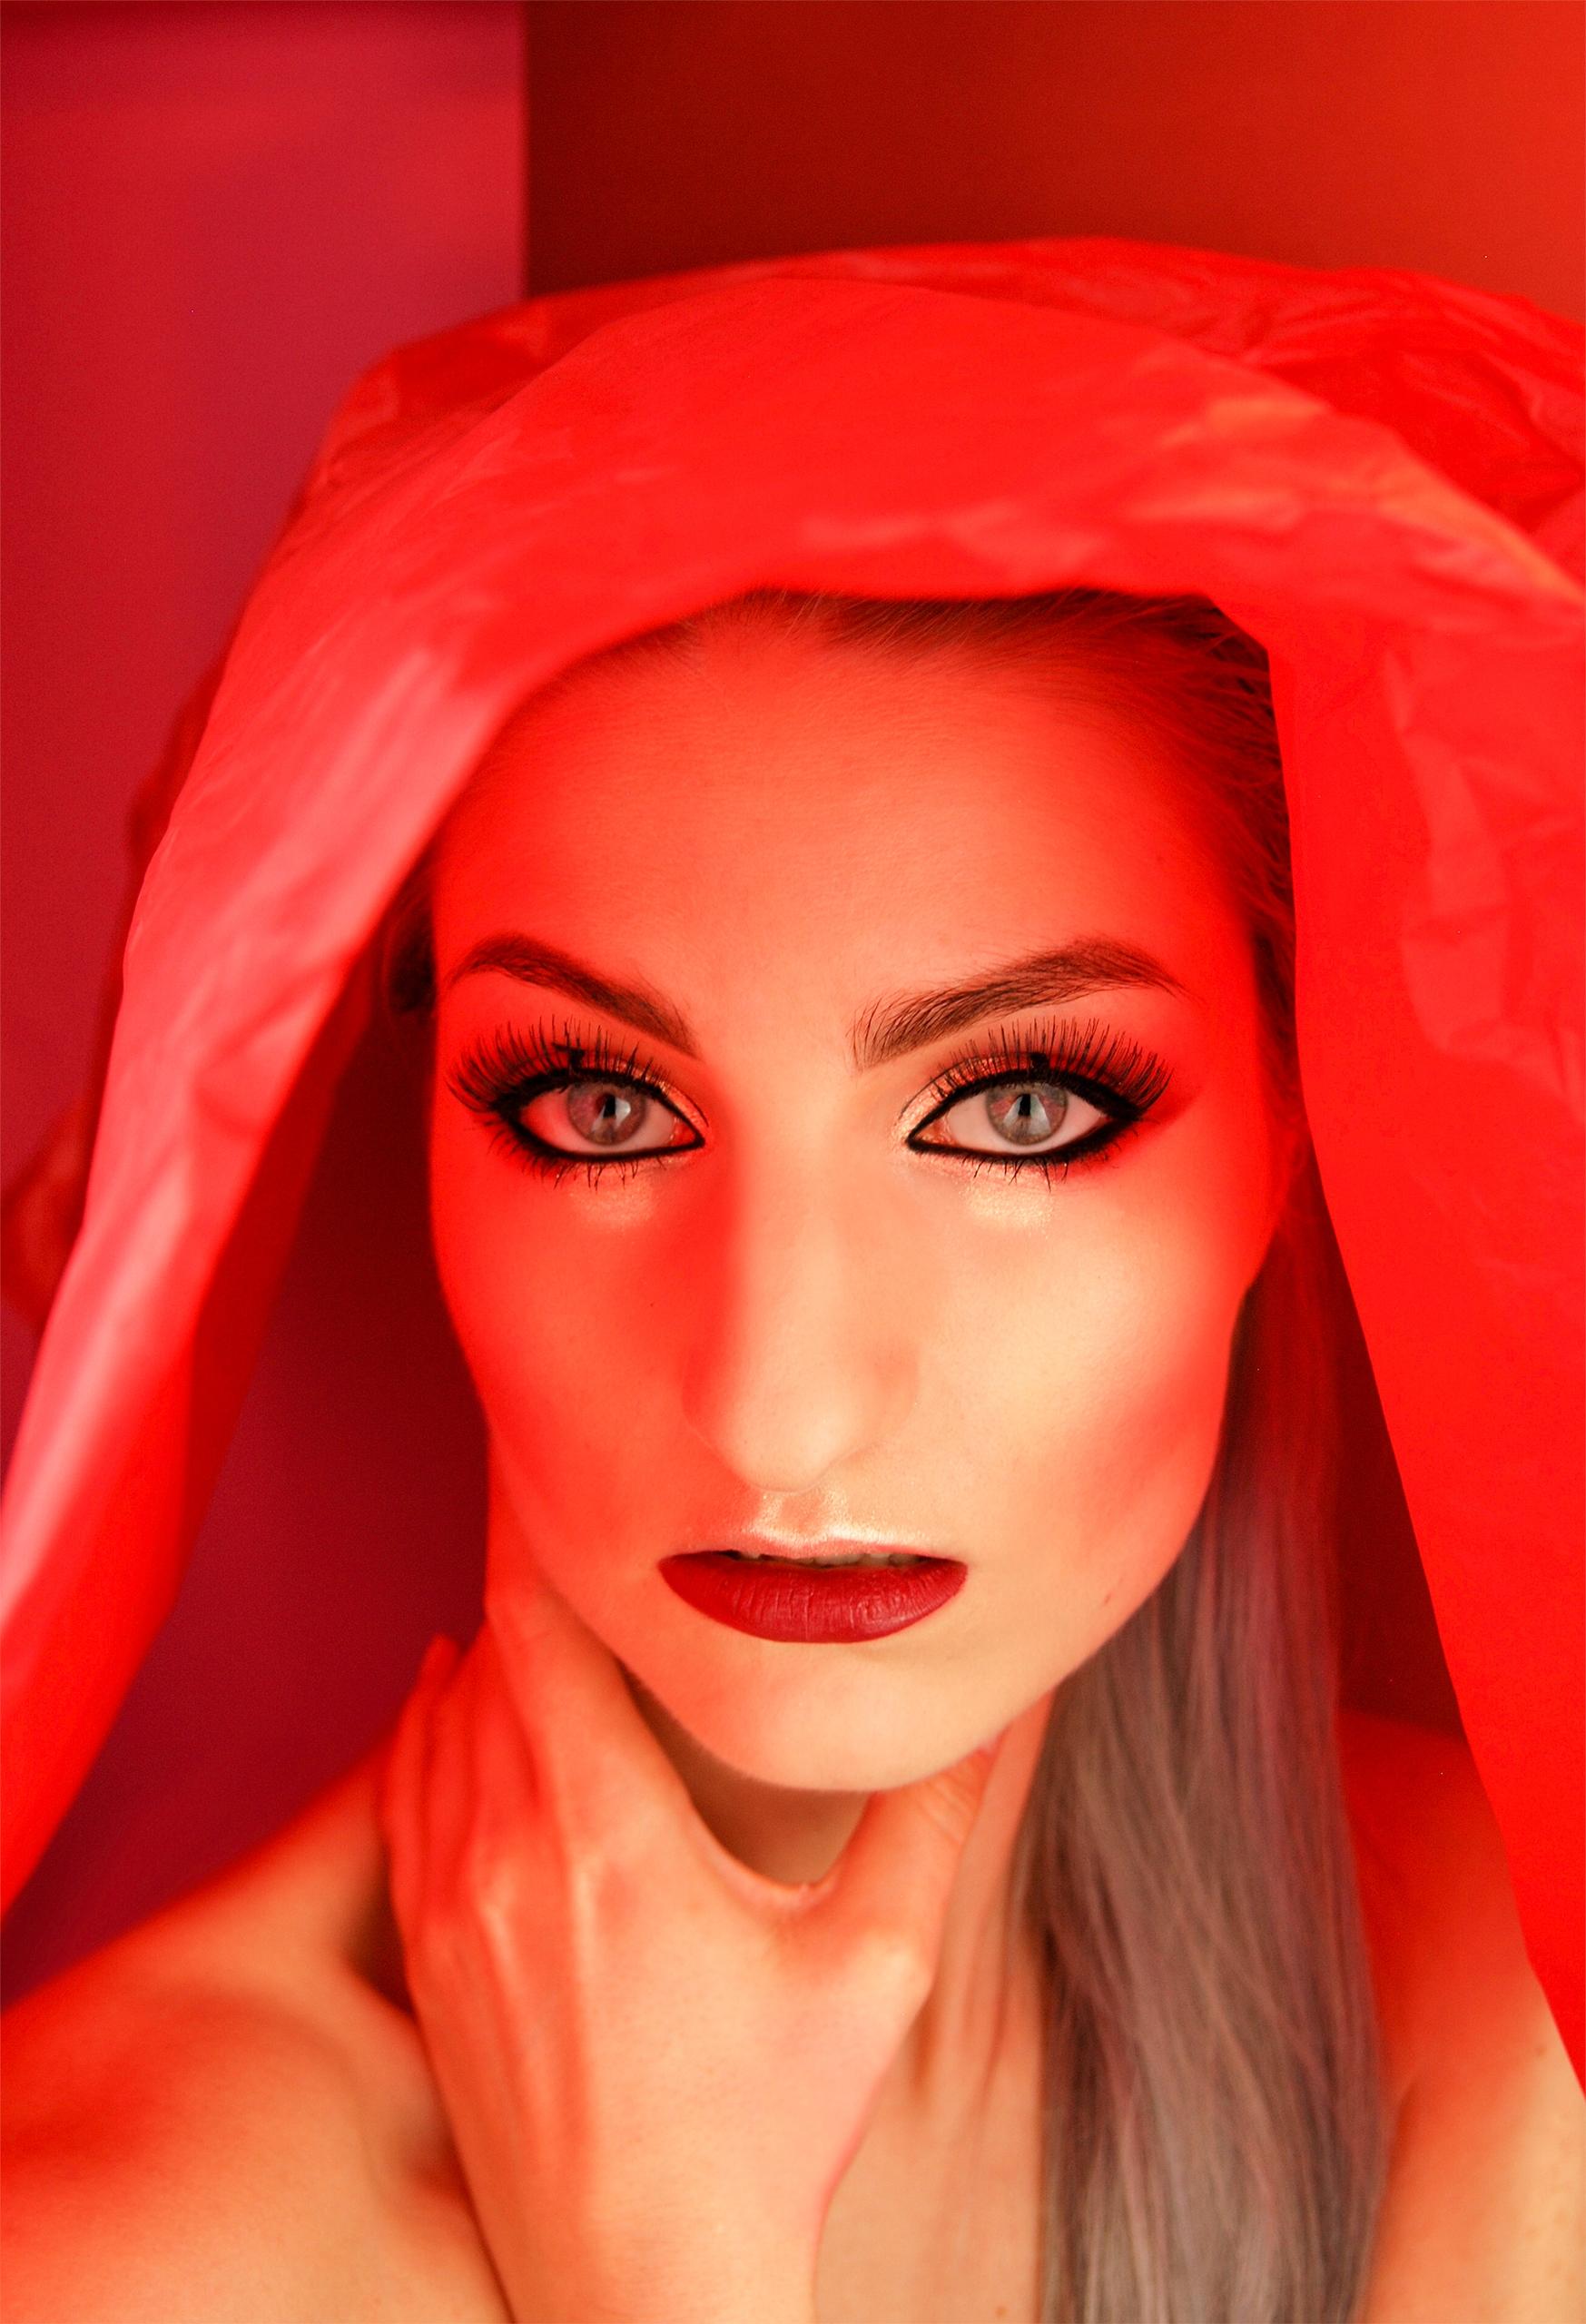 Zdjęcie przedstawia portret młodej kobiety w mocno czerwonym otoczeniu. Kobieta trzyma rękę na szyi i patrzy w obiektyw.